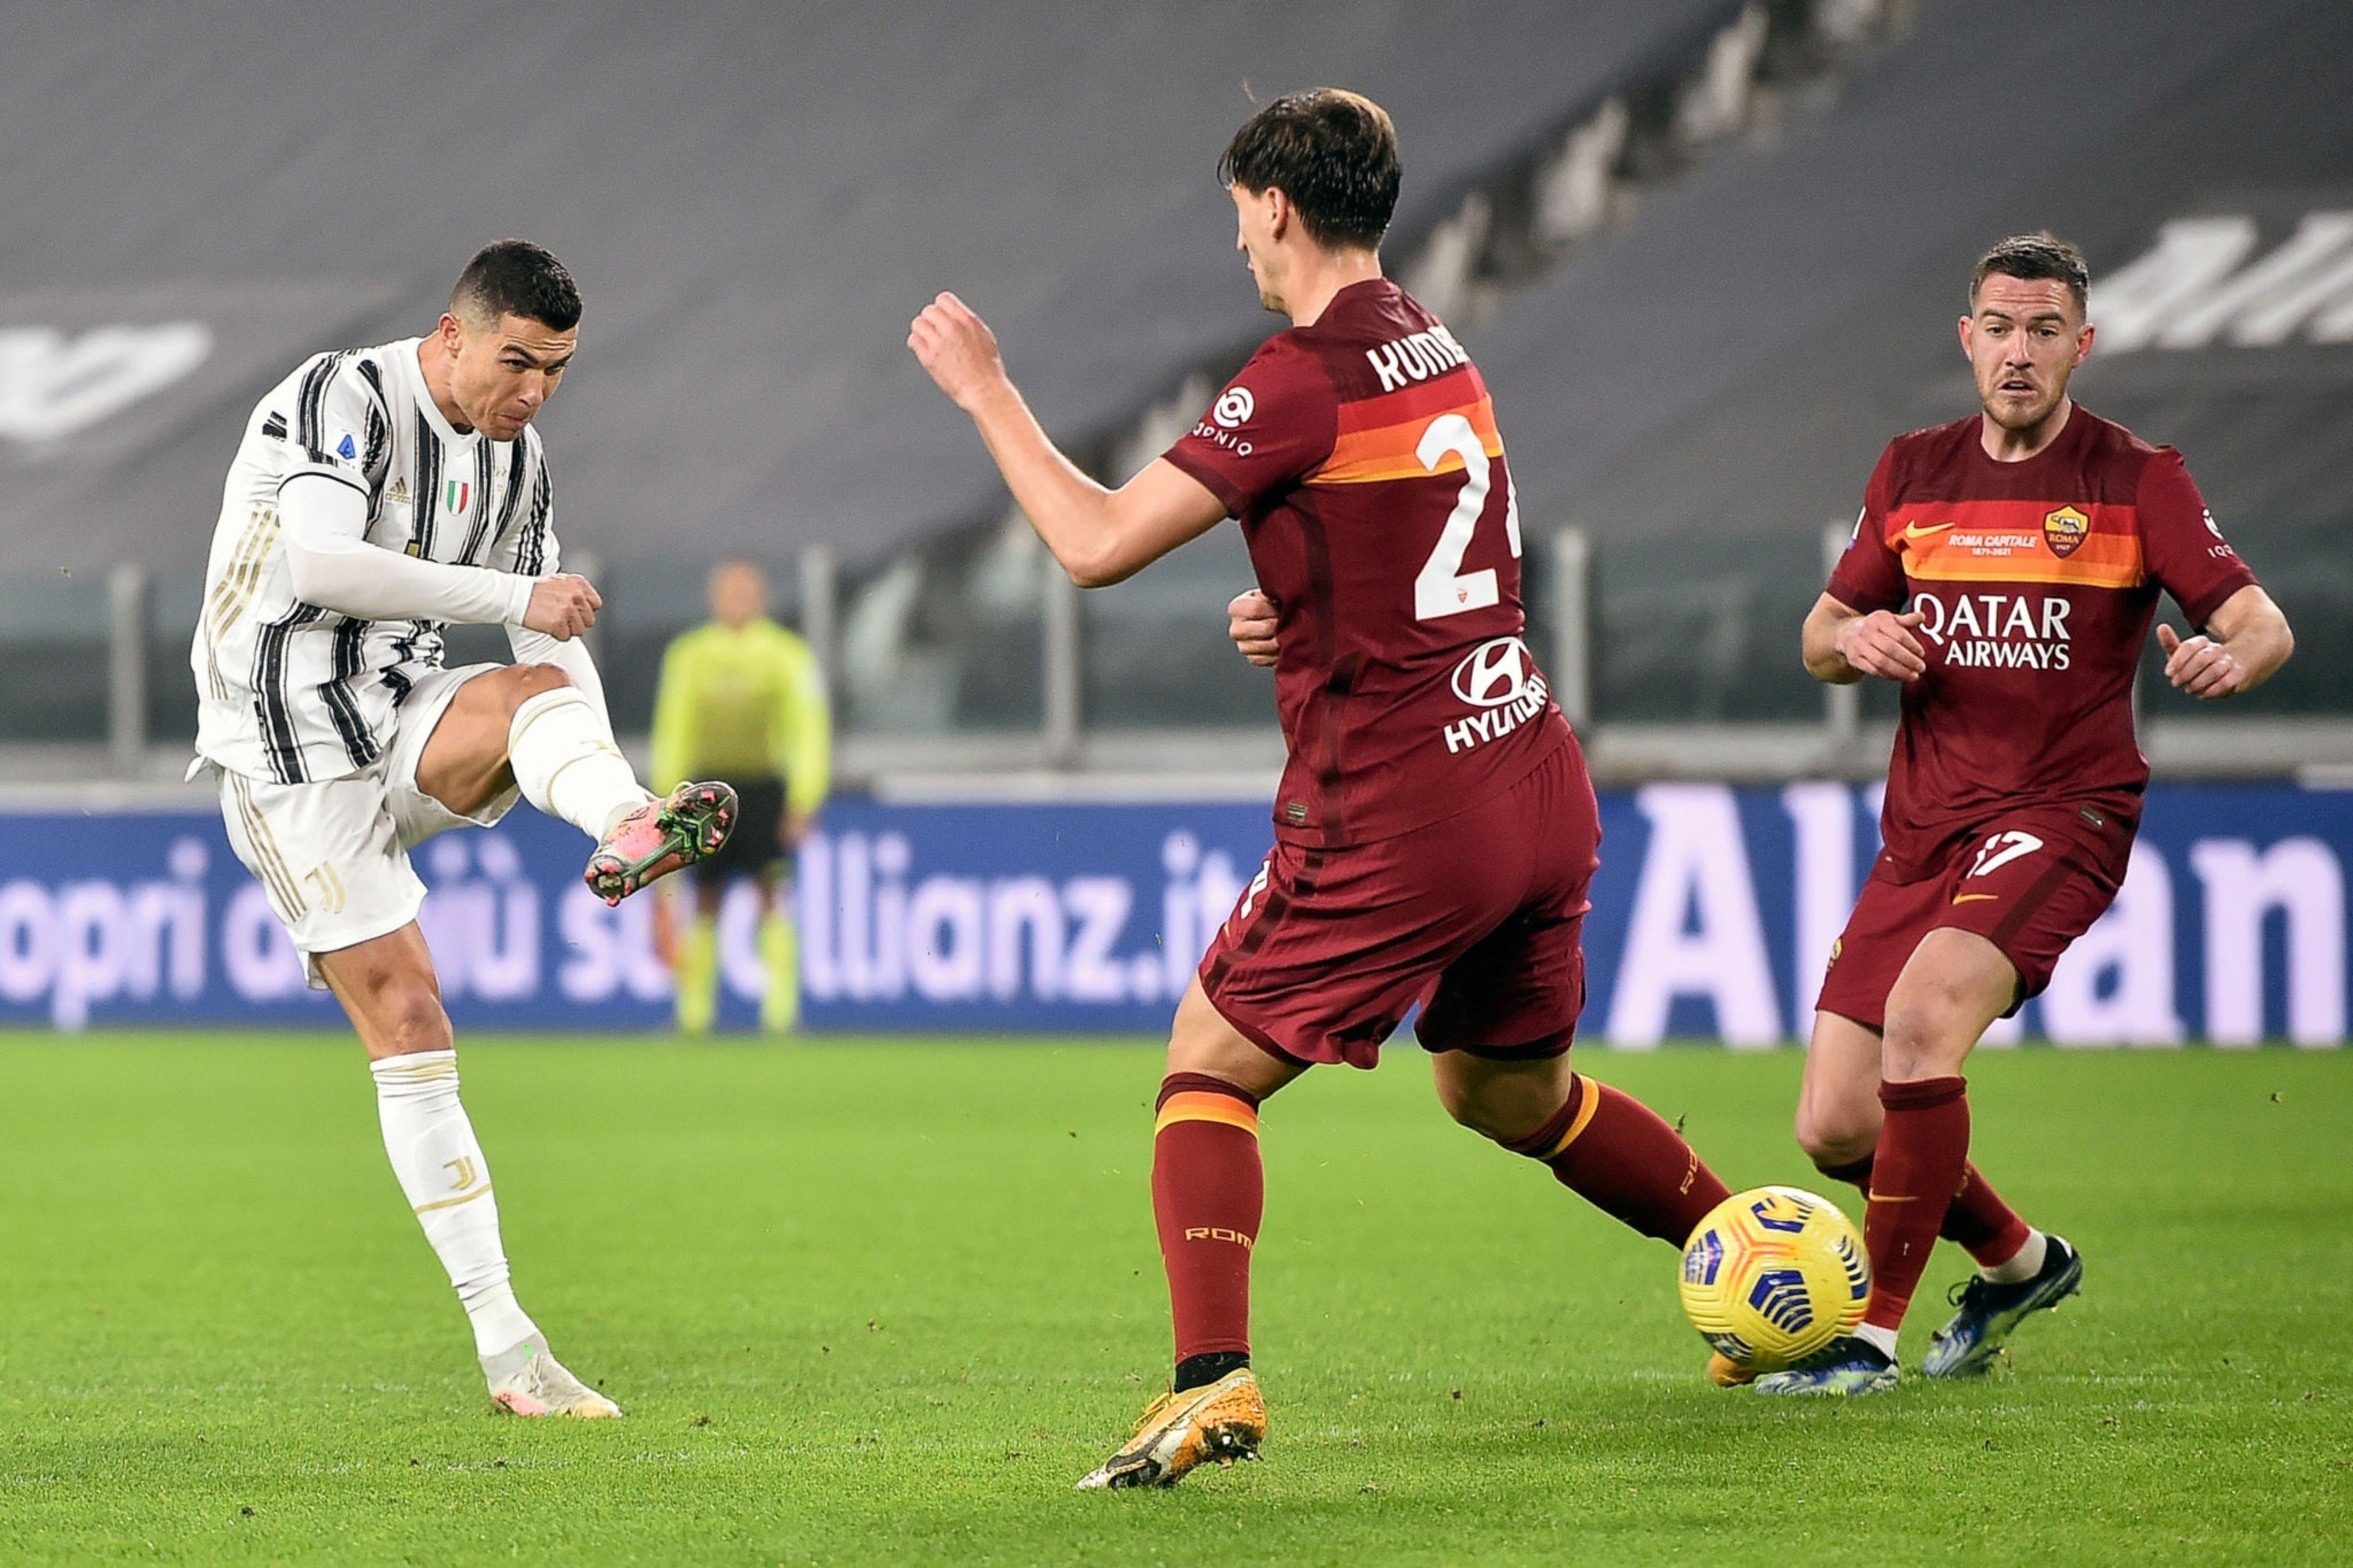 بأقدام رونالدو يوفنتوس يعبر روما بهدفين نظيفين في الدوري الإيطالي